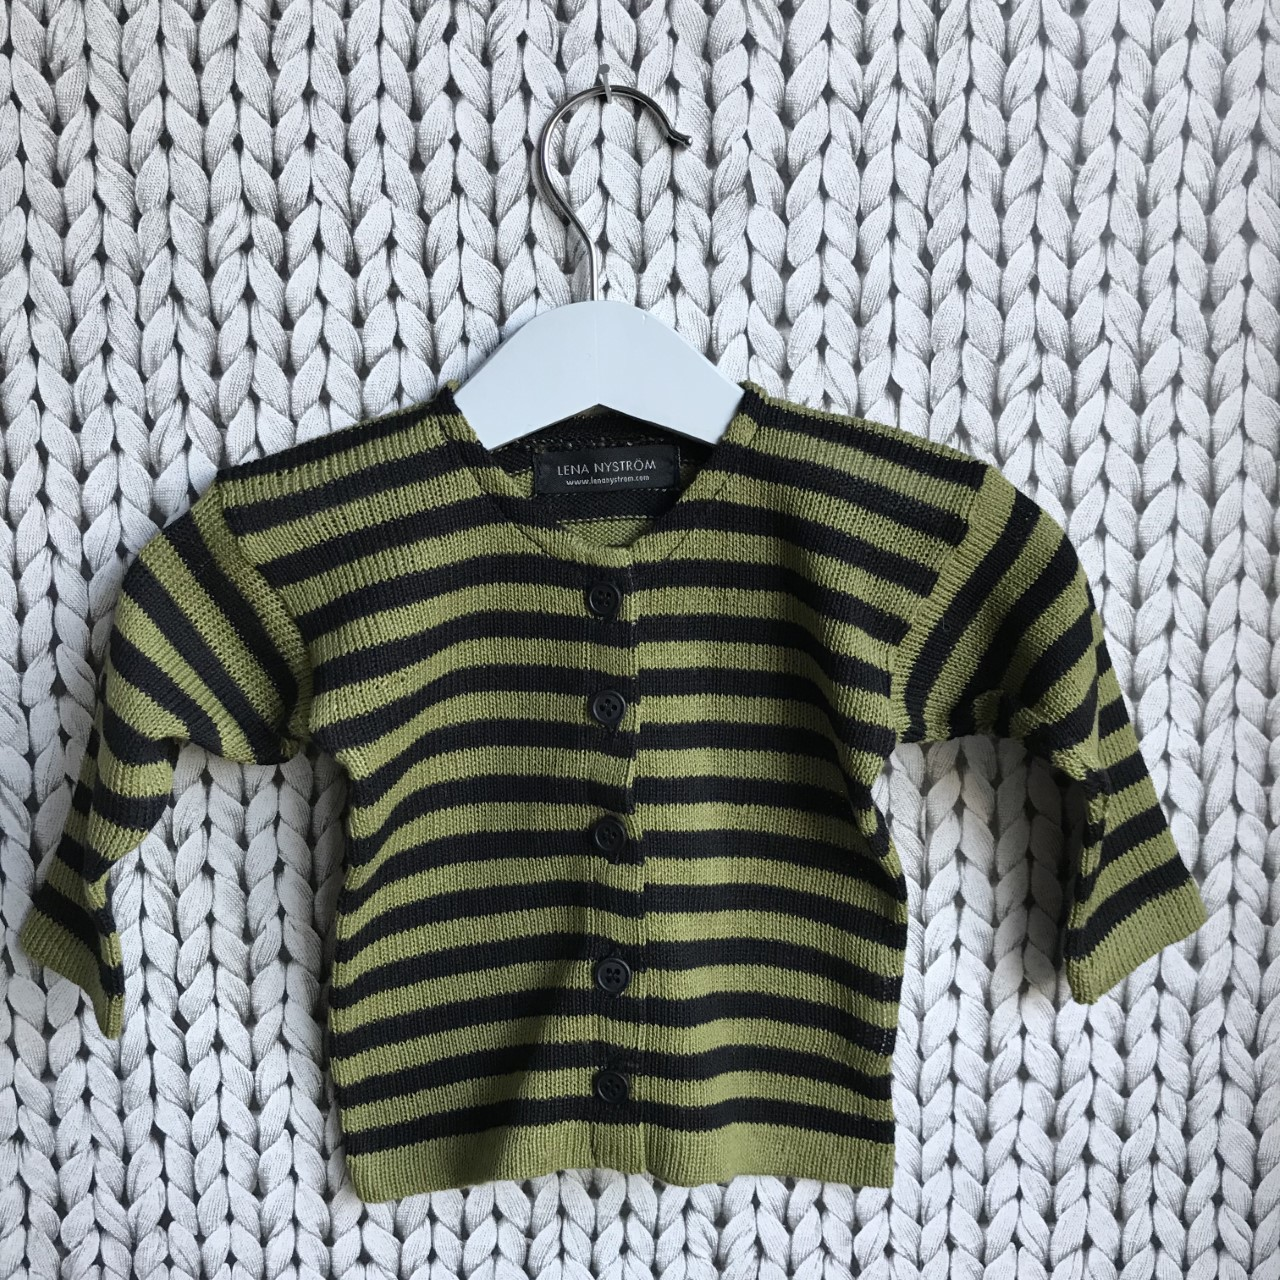 grön/svart kofta